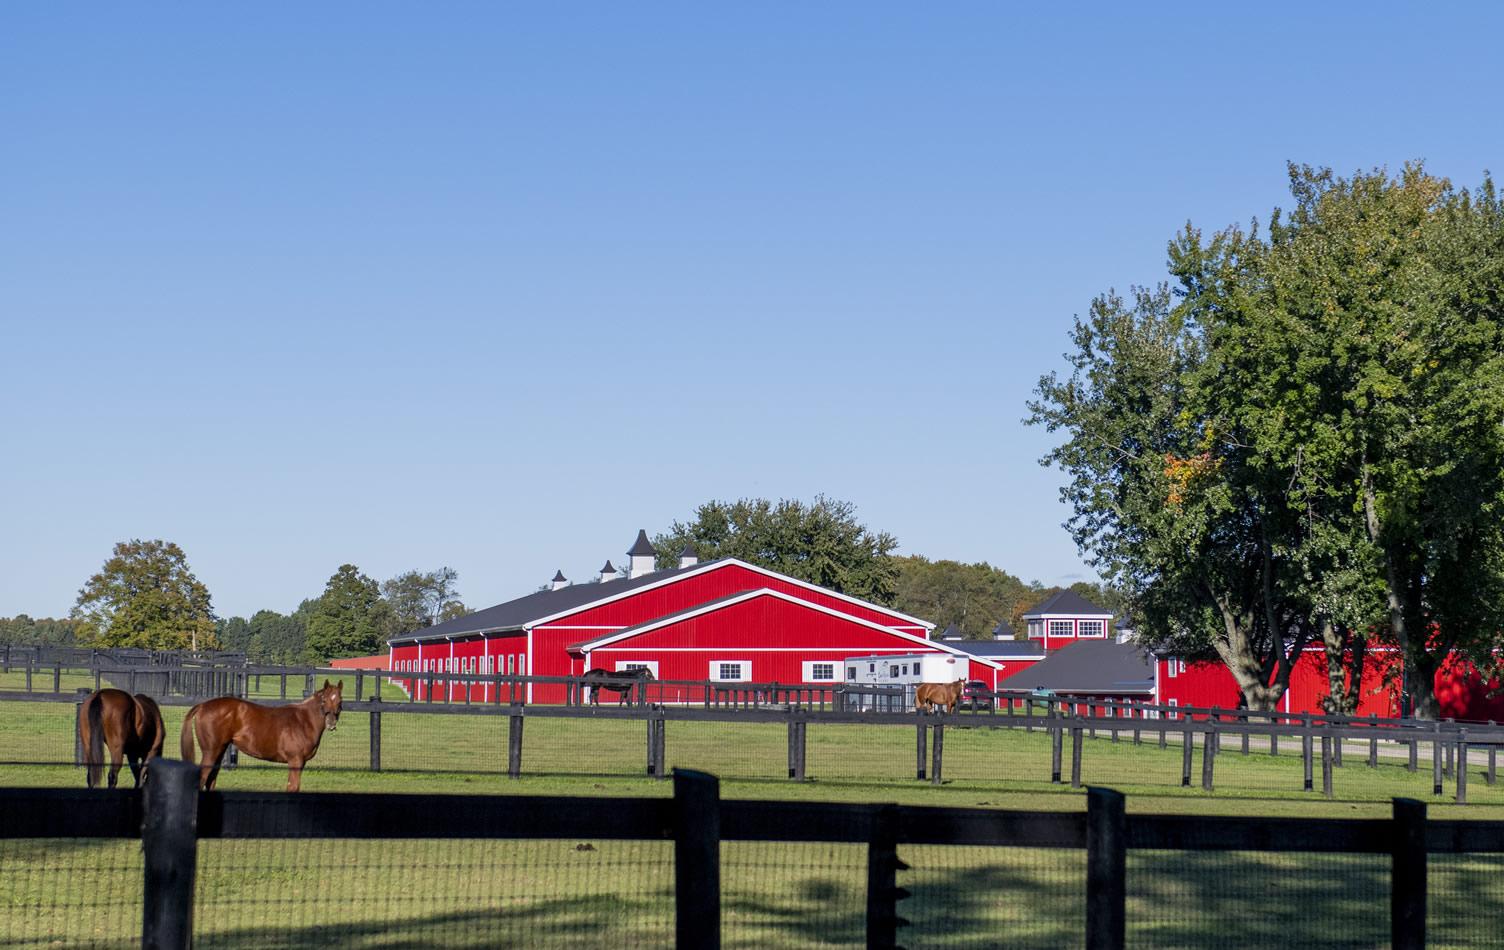 camhaven farm barn with horses caledon on